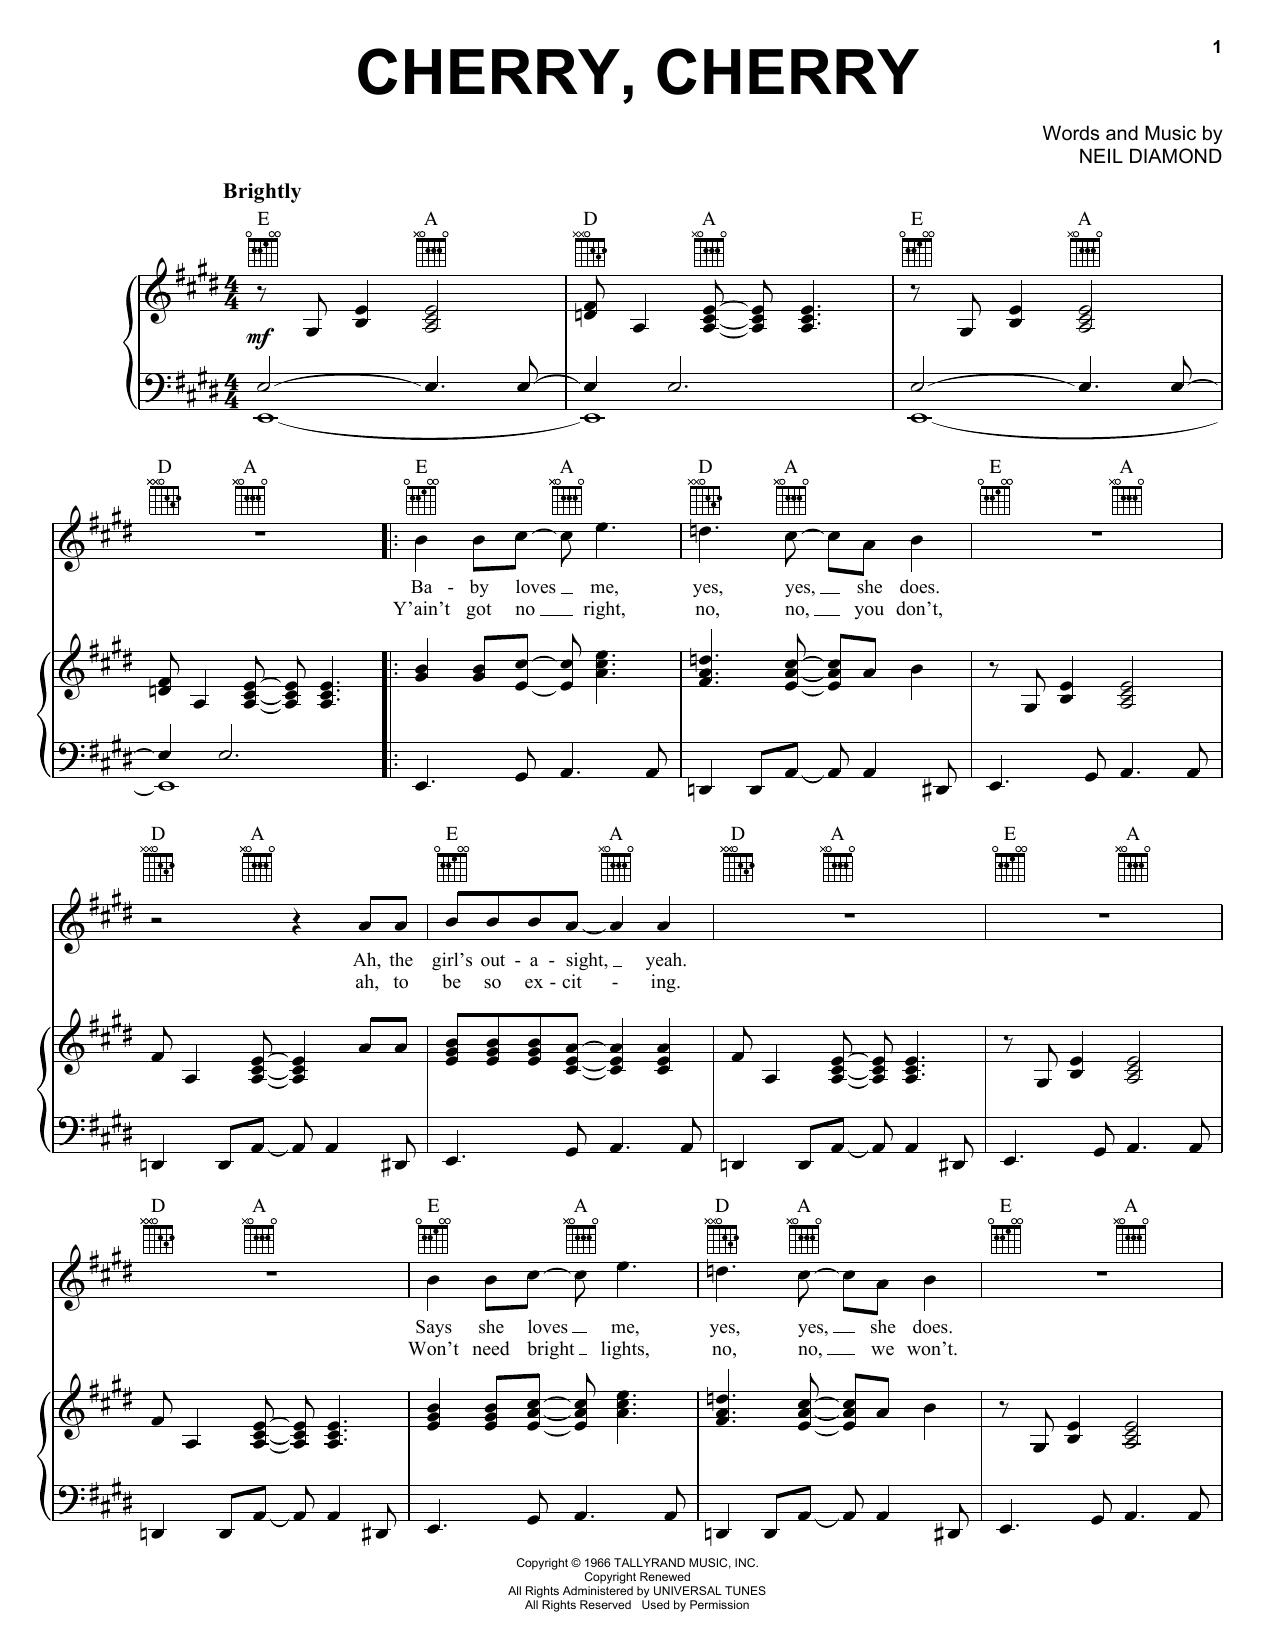 Cherry, Cherry sheet music